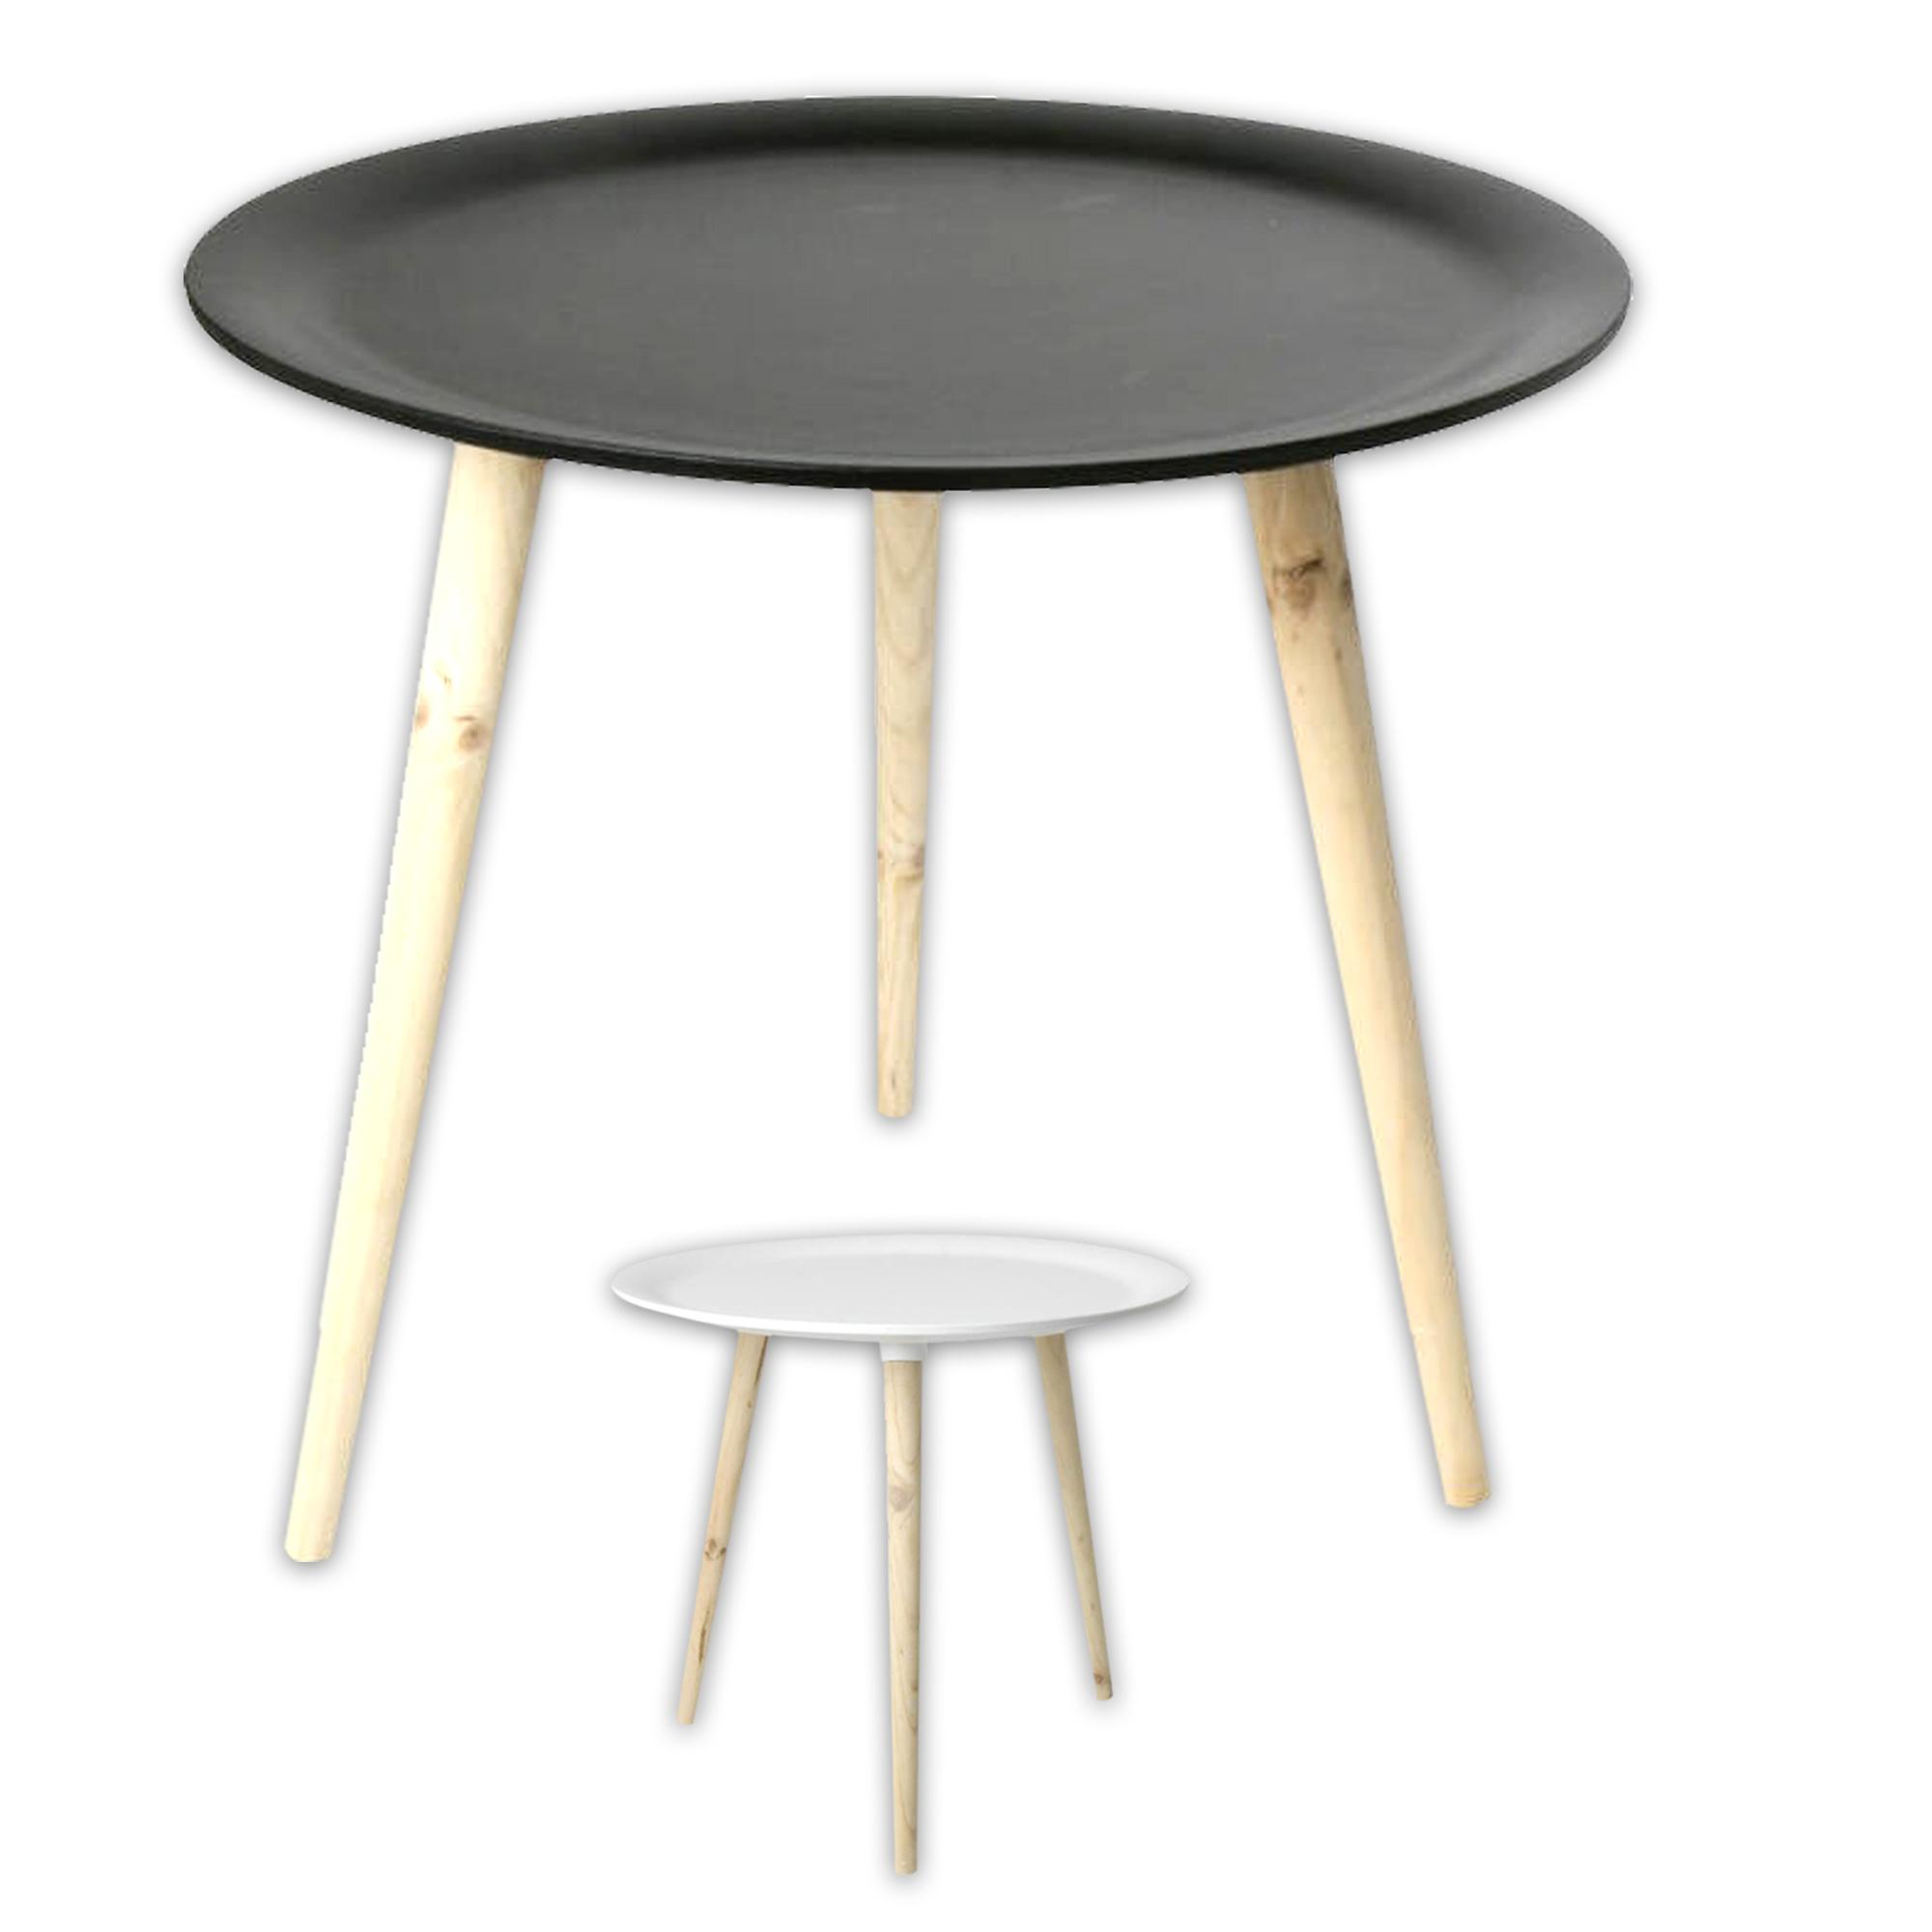 Tisch holztisch im retro stil aus kiefernholz 38 cm 48 for Holztisch retro